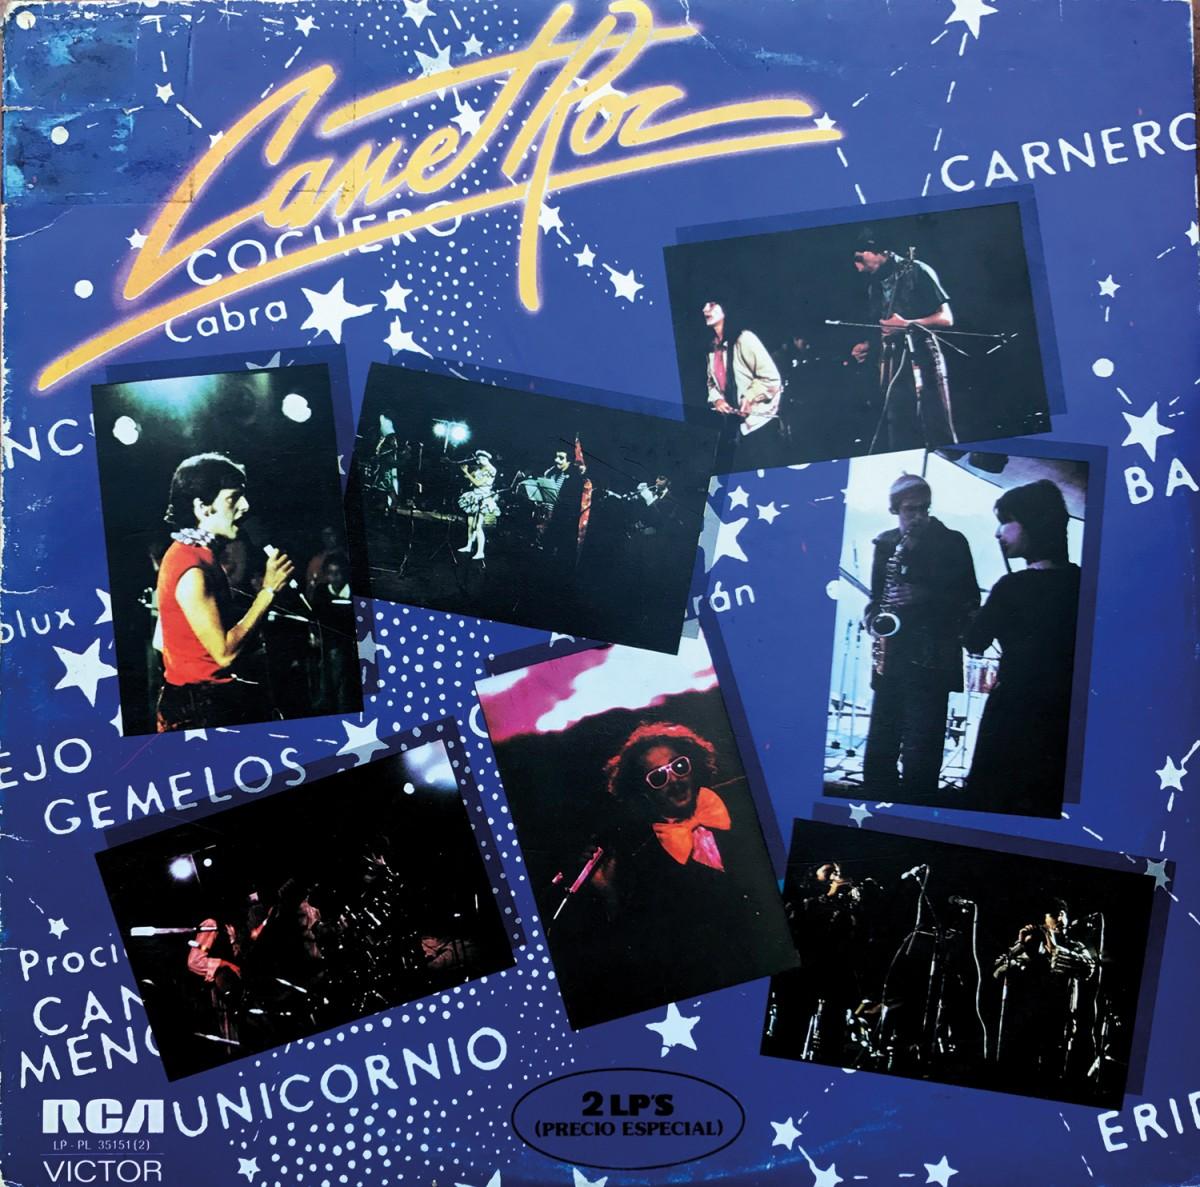 Caràtula del doble LP 'Canet Roc'